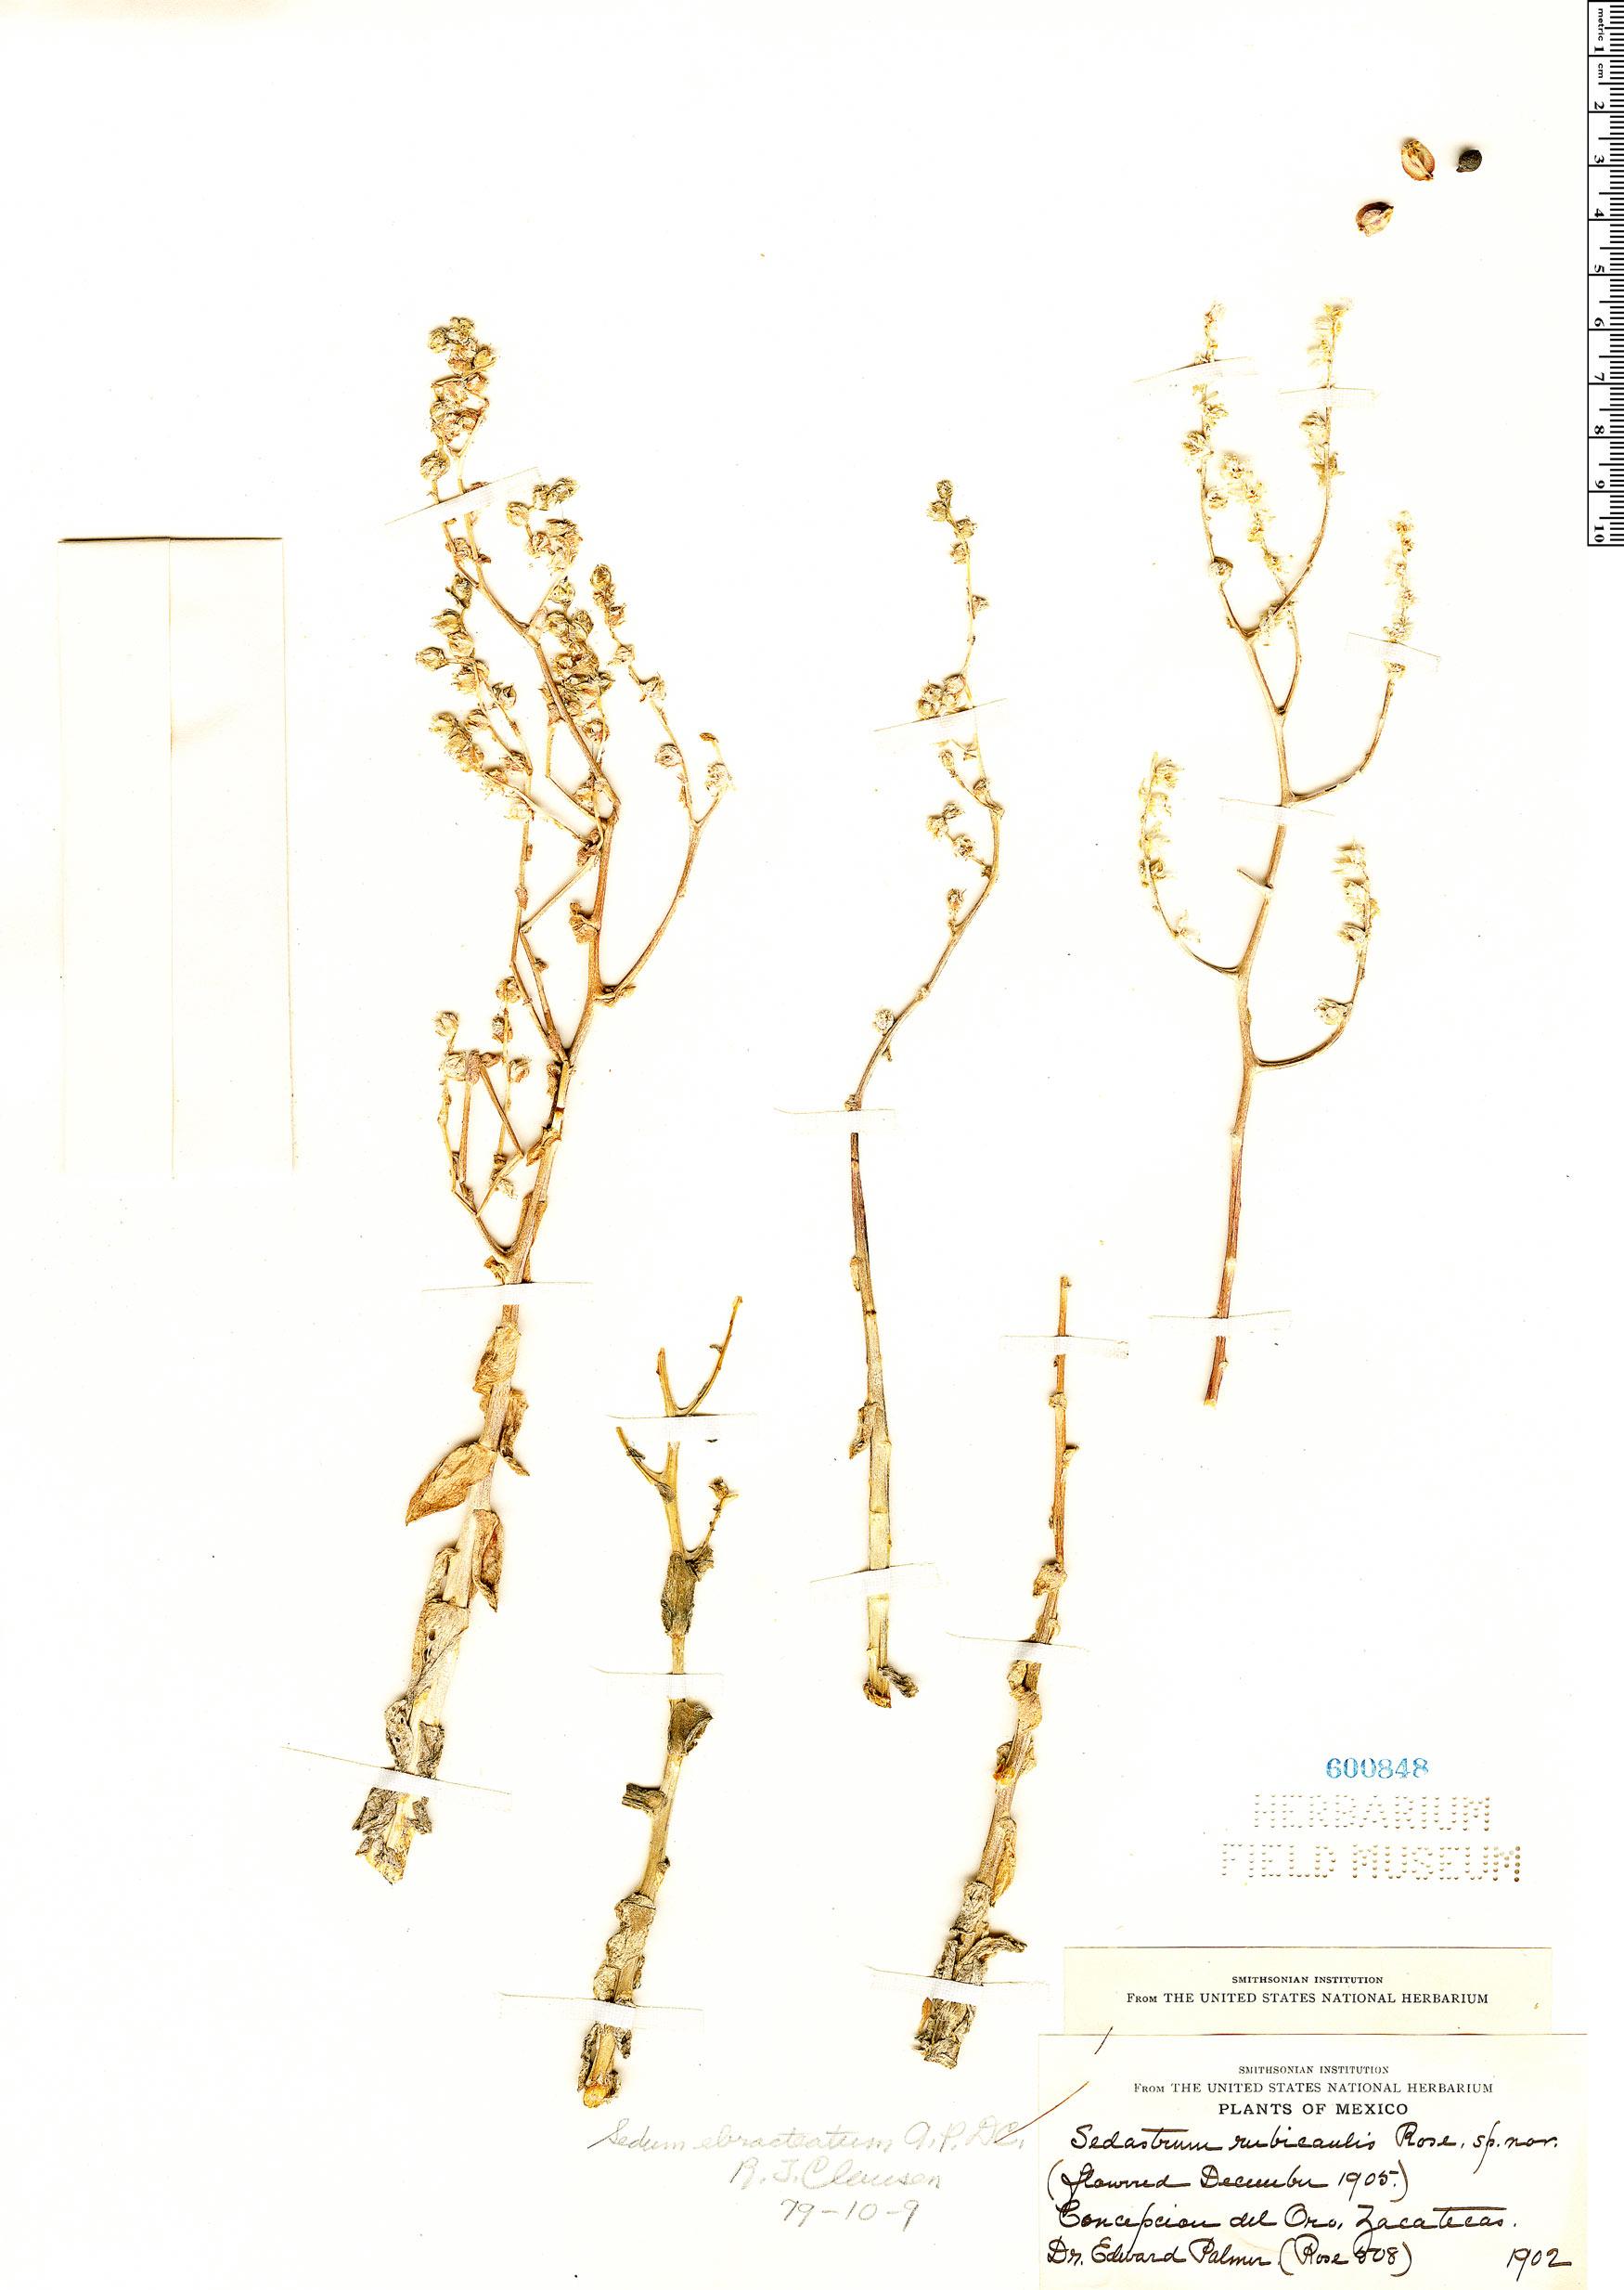 Specimen: Sedum ebracteatum